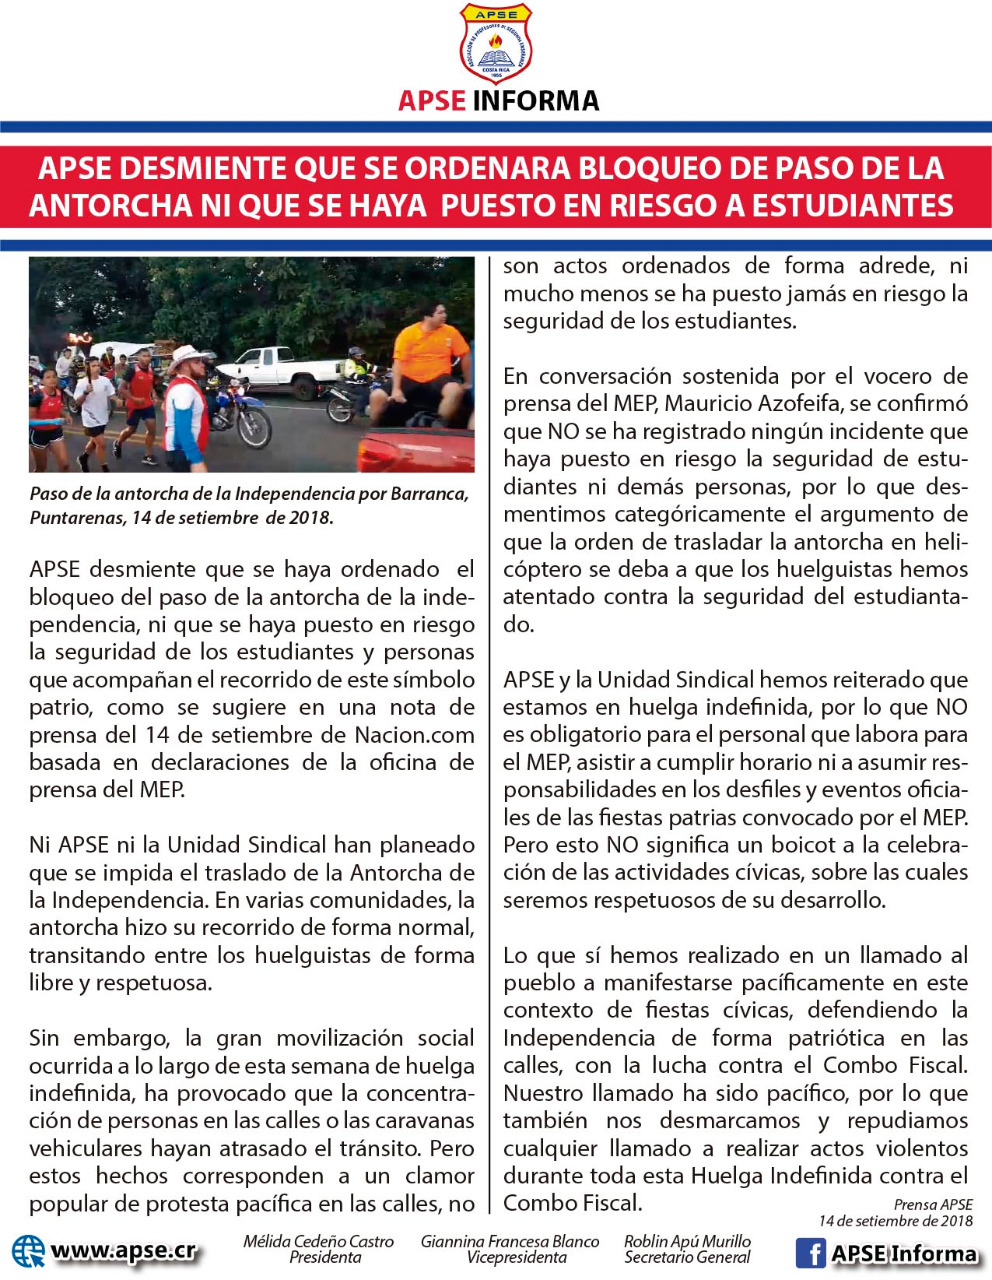 APSE desmiente que se ordenara bloqueo de paso de la Antorcha